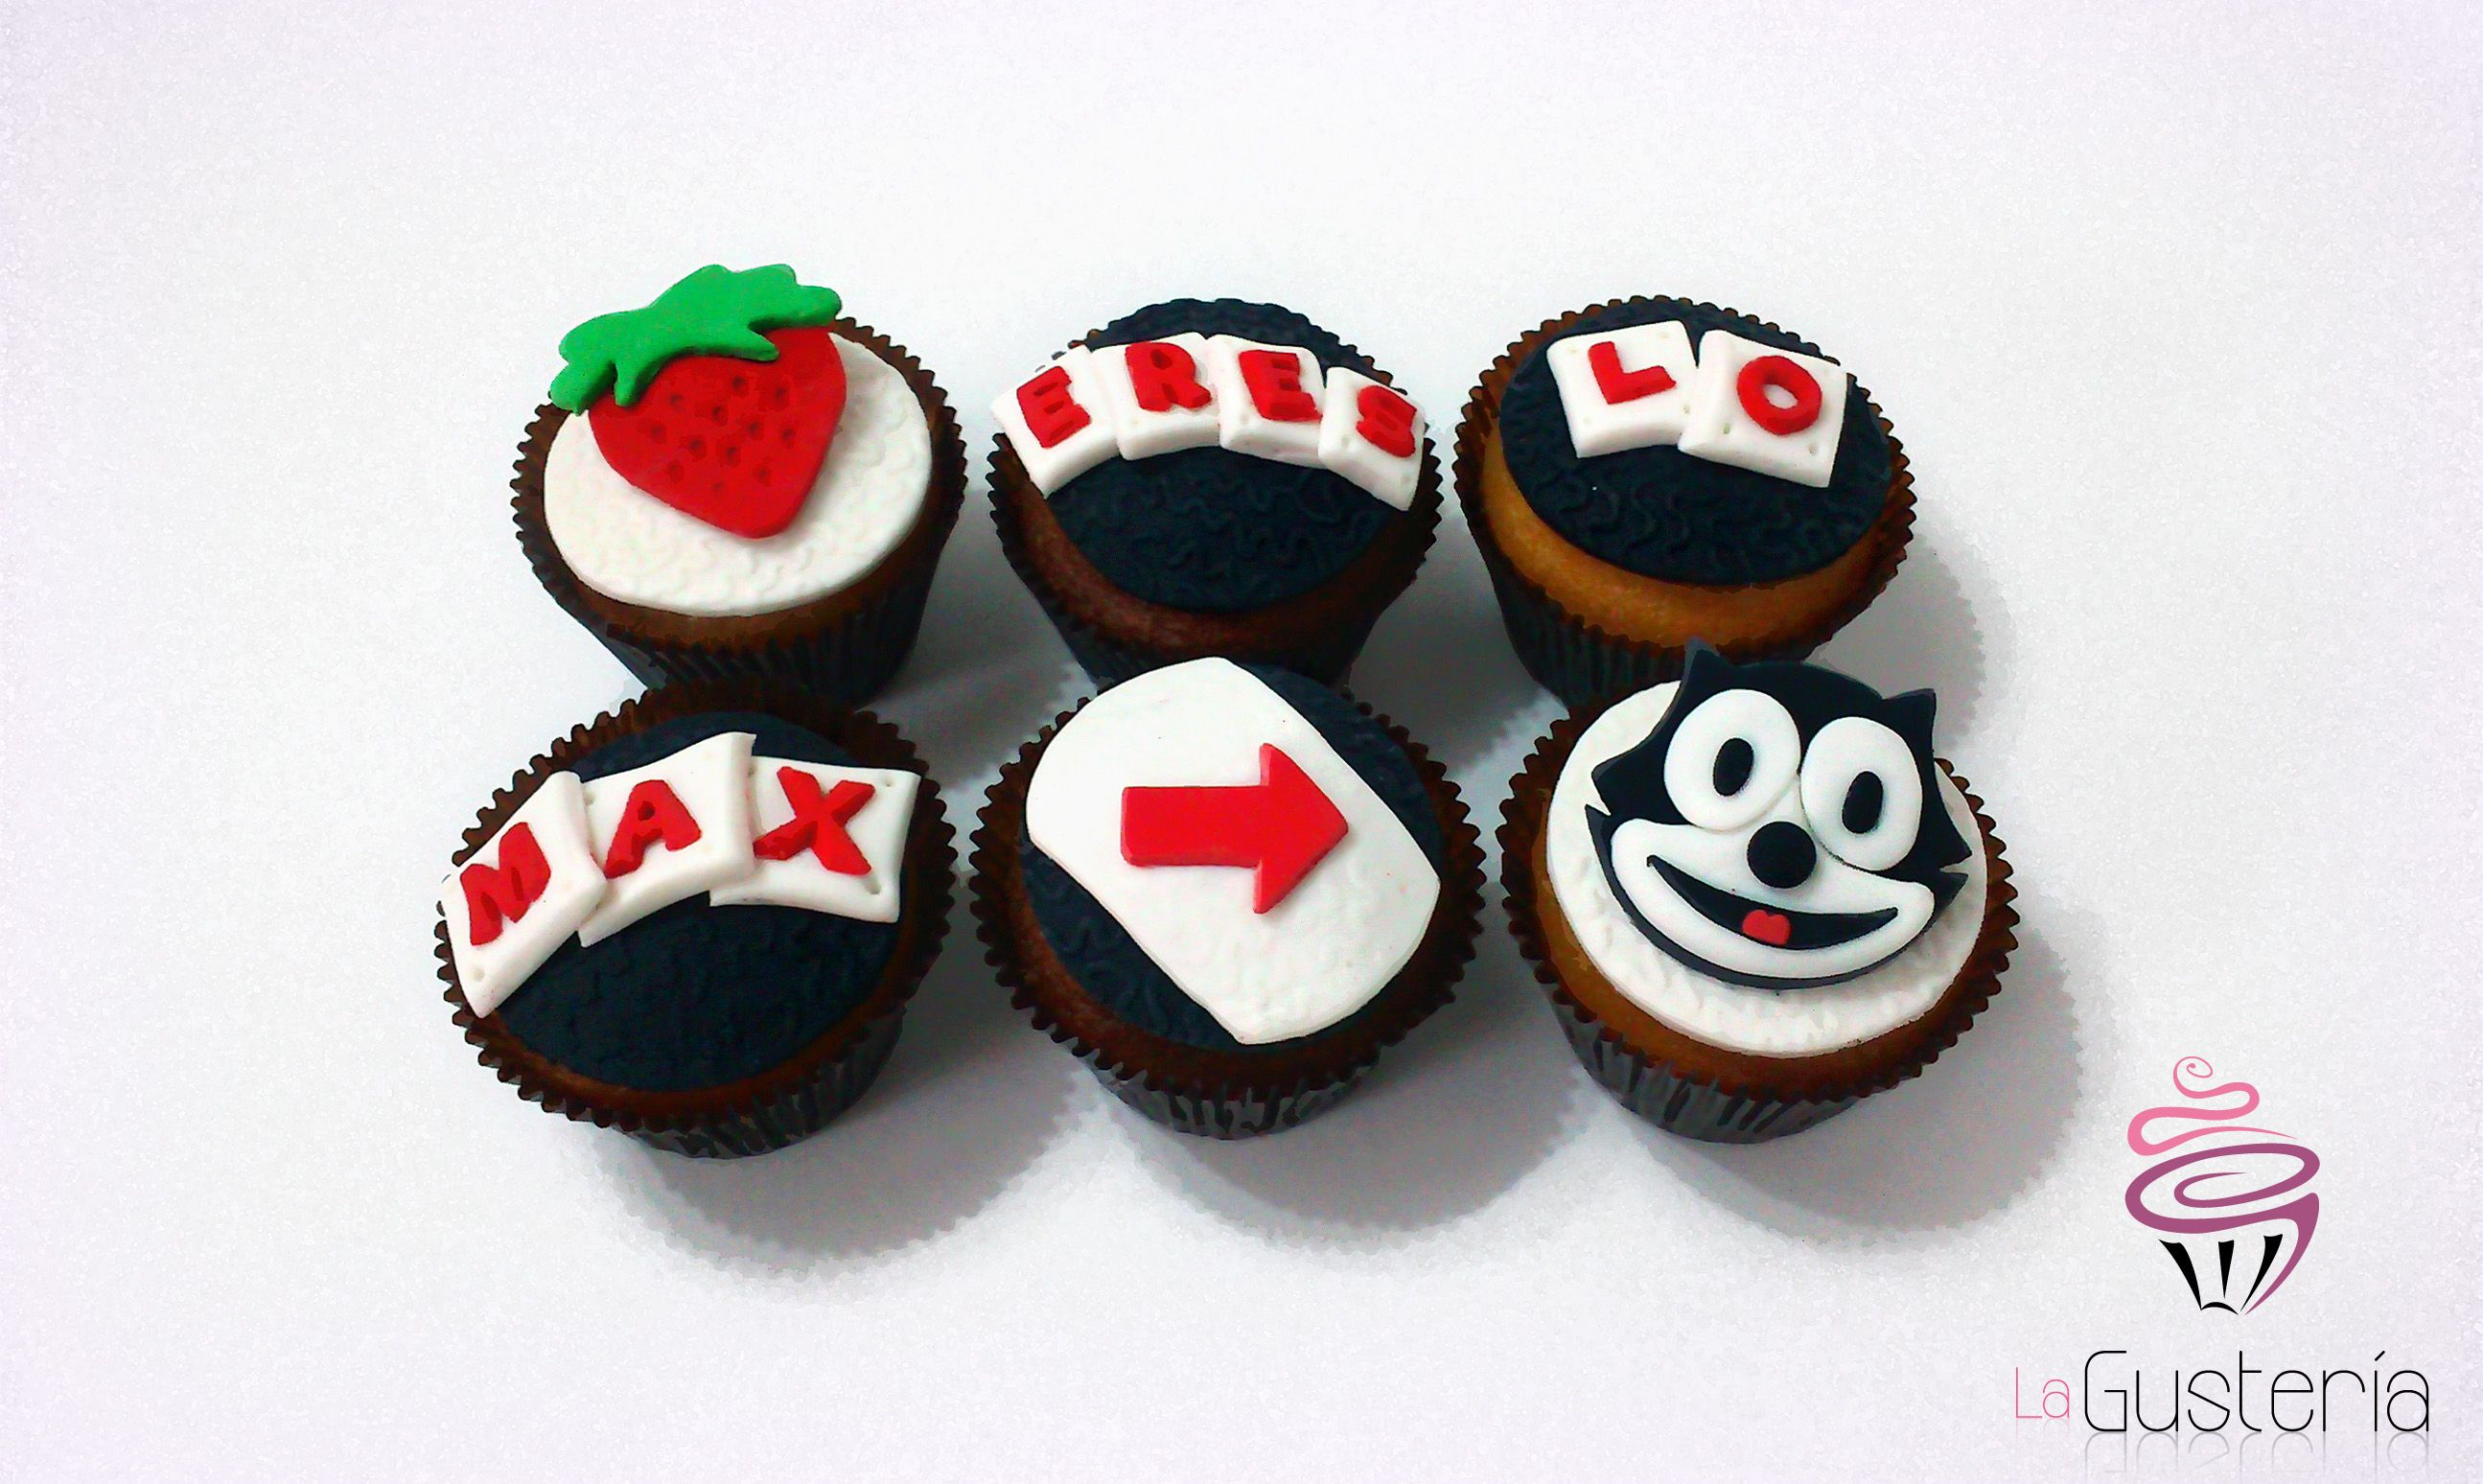 ¡Celebra tus mejores momentos con los buenísimos cupcakes de La Gustería! Informes y pedidos: lagusteriaperu@gmail.com